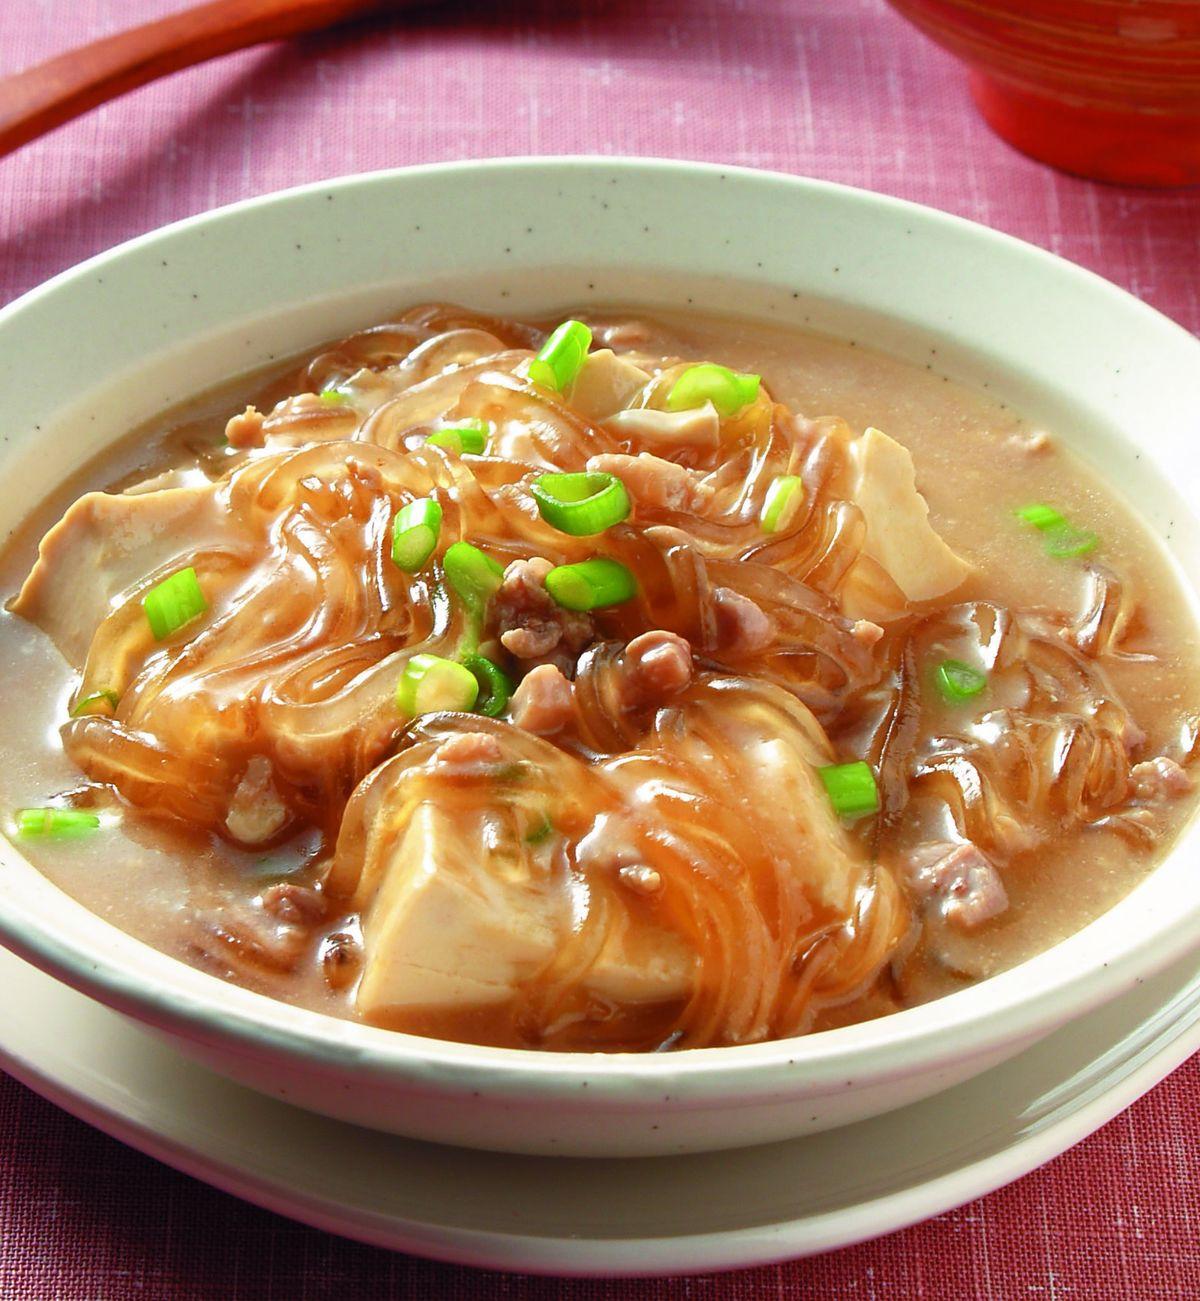 食譜:豆腐味噌煮